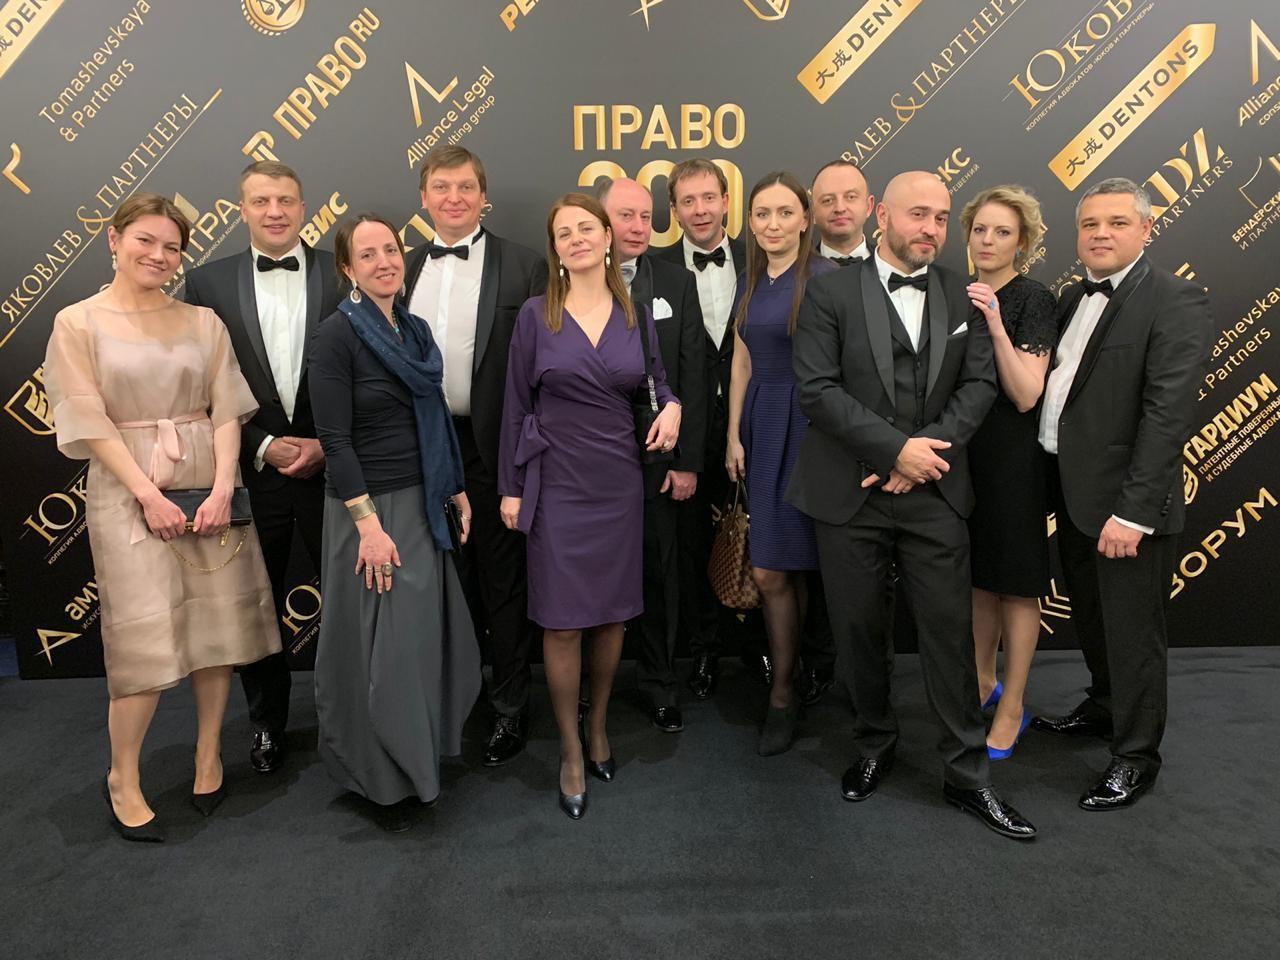 Старшие партнеры и партнеры на церемонии награждения победителей ПРАВО 300